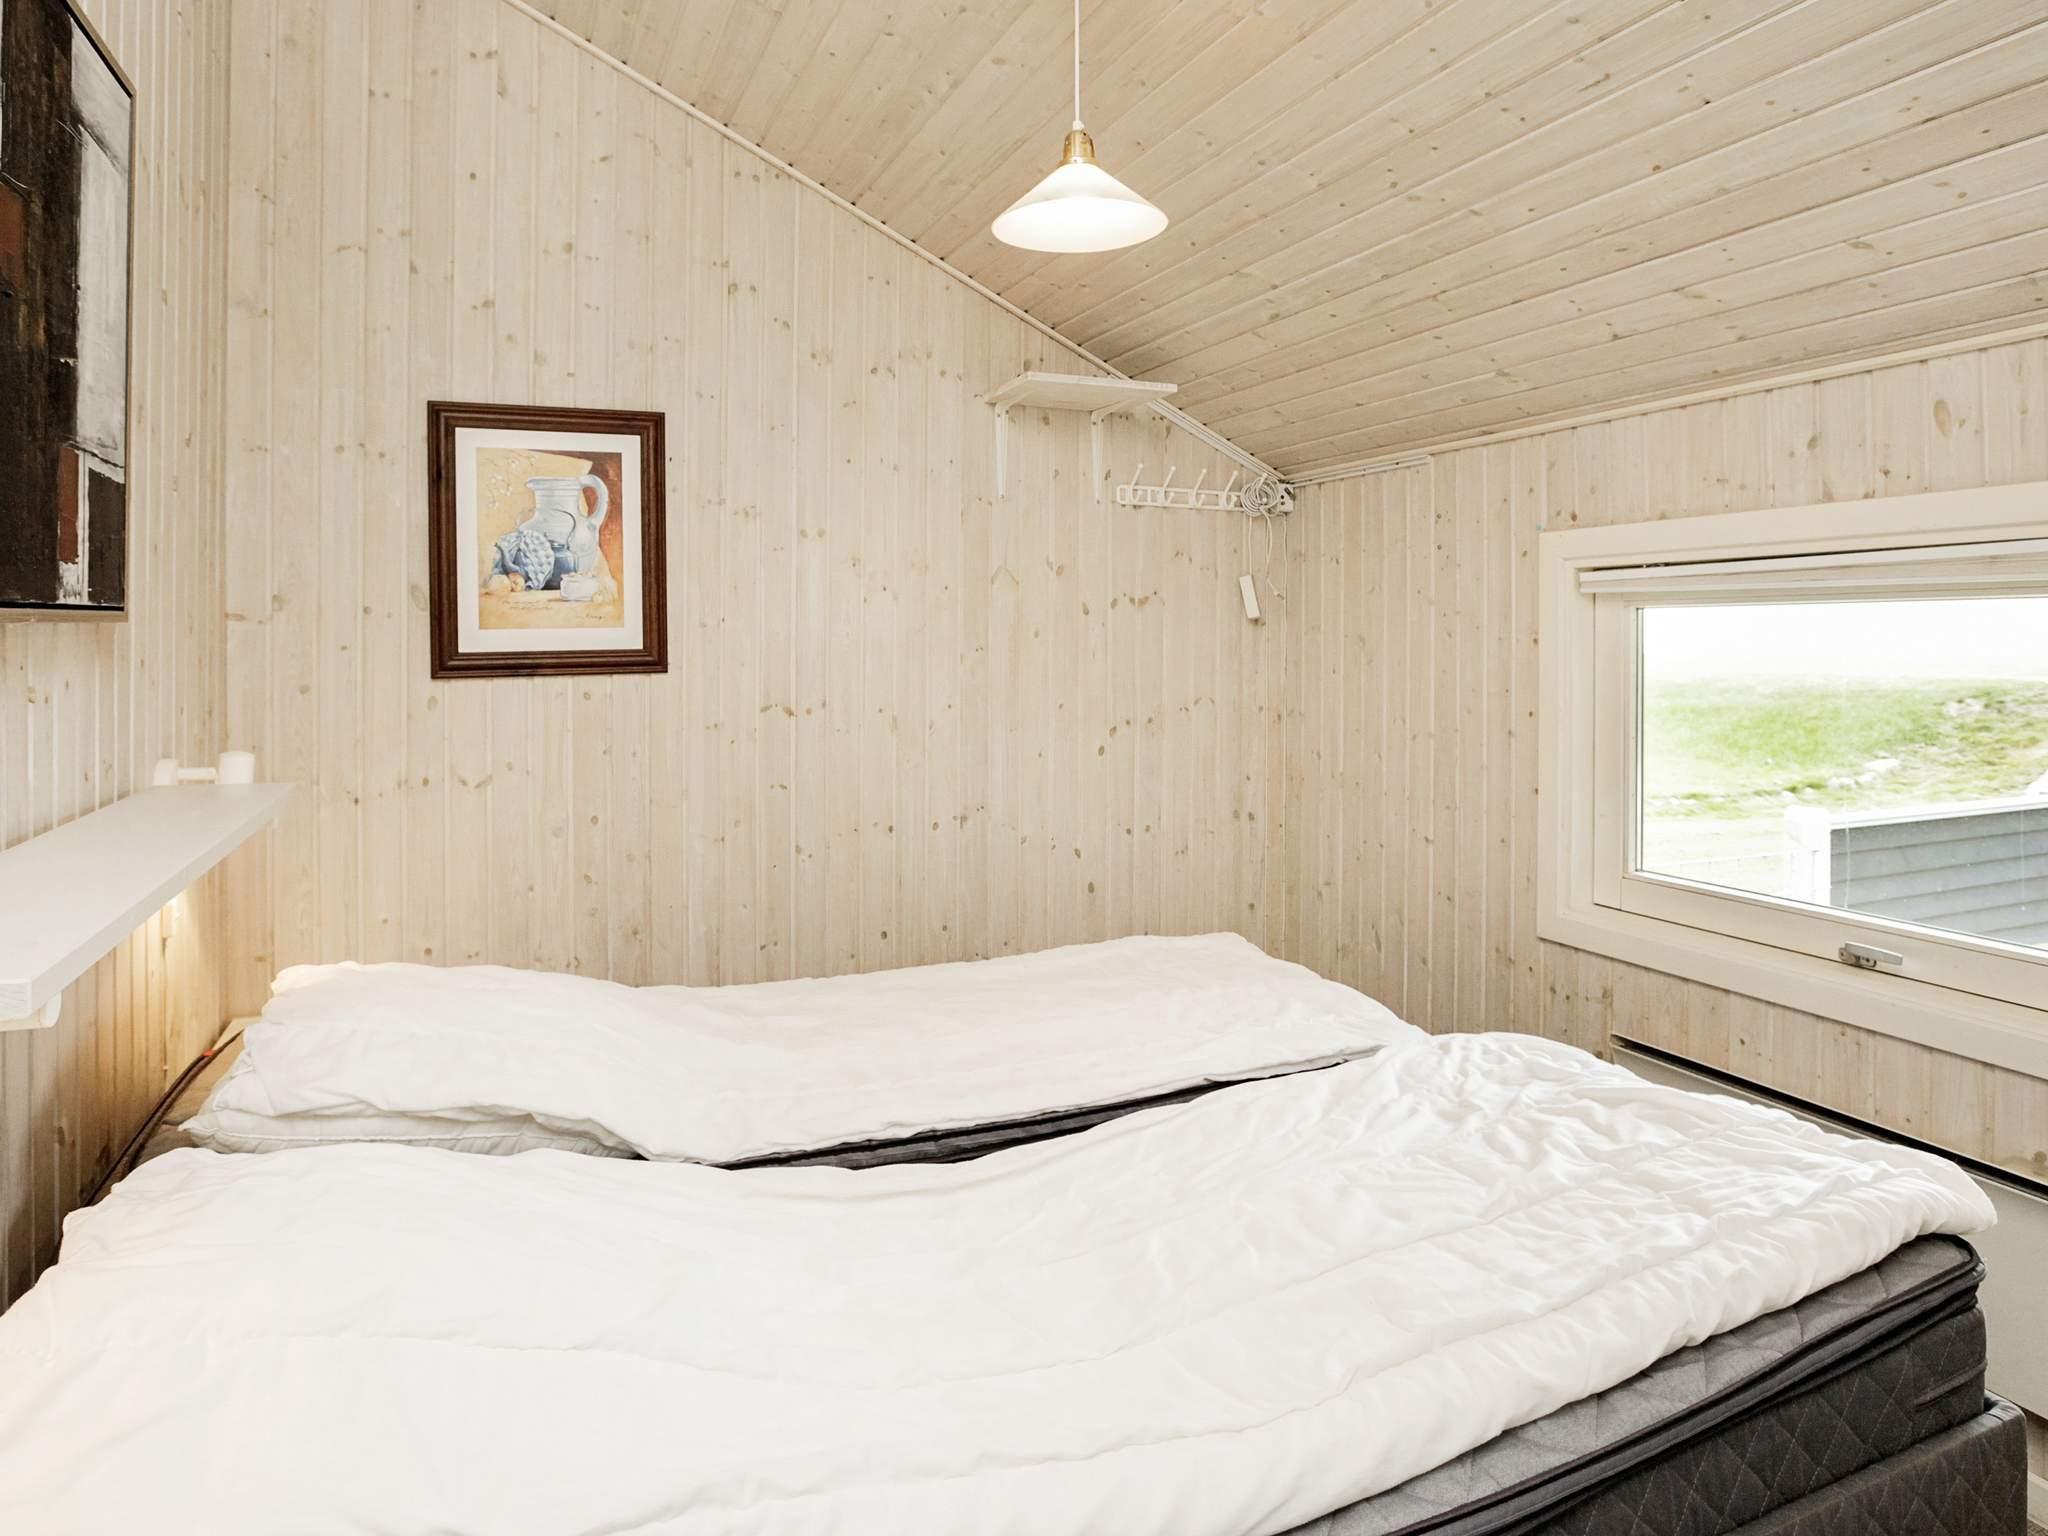 Ferienhaus Jørgensø/Soldalen (87527), Jørgensø, , Fünen, Dänemark, Bild 6